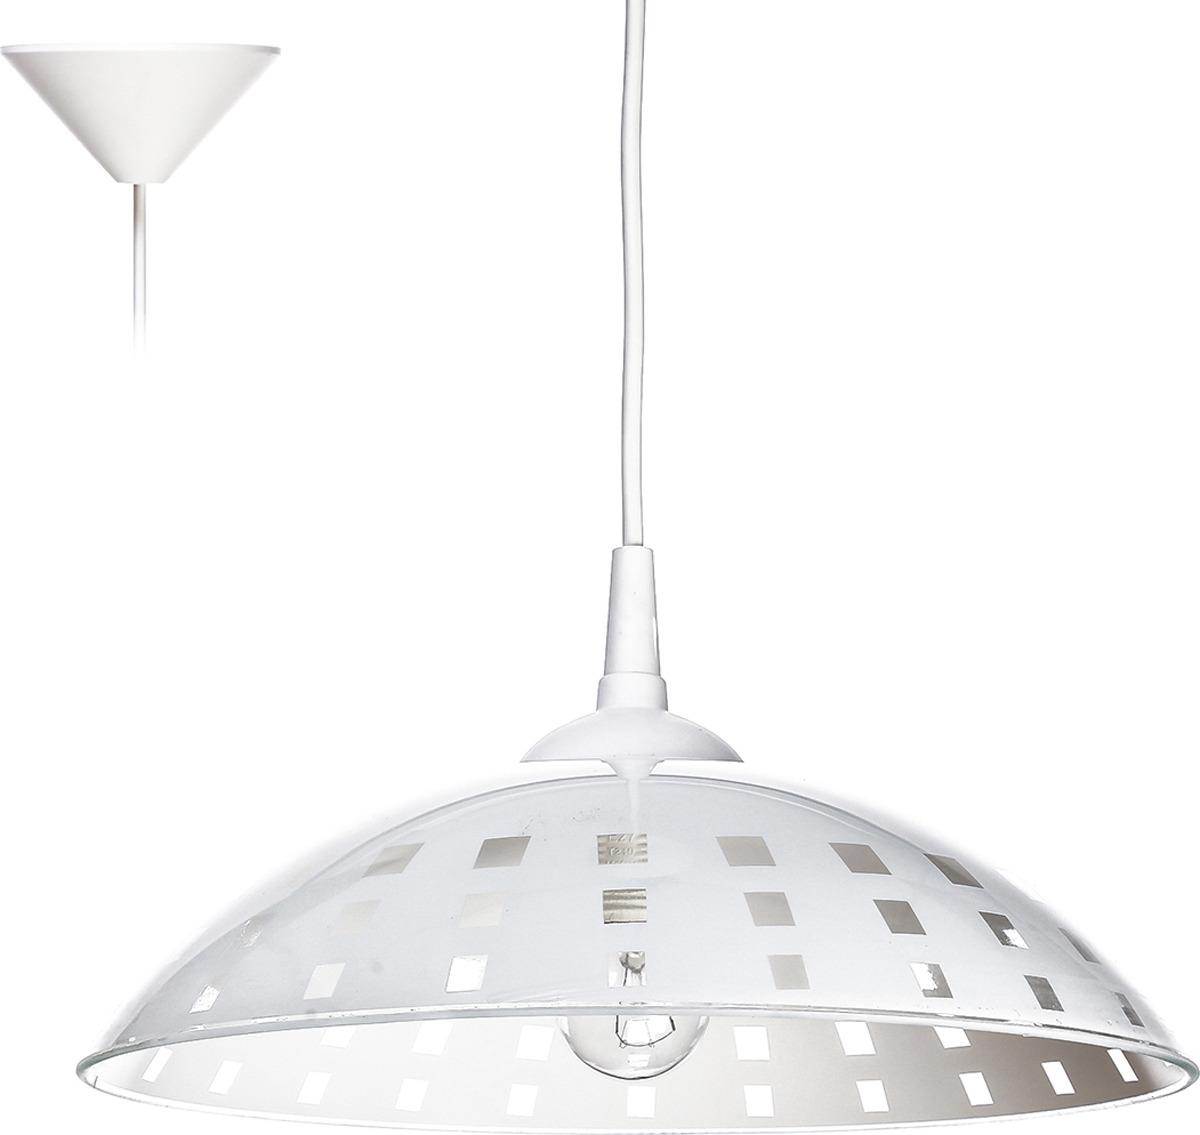 Подвесной светильник Лучи, E27, 60W, 3294559, 36 х 36 х 10,5 см